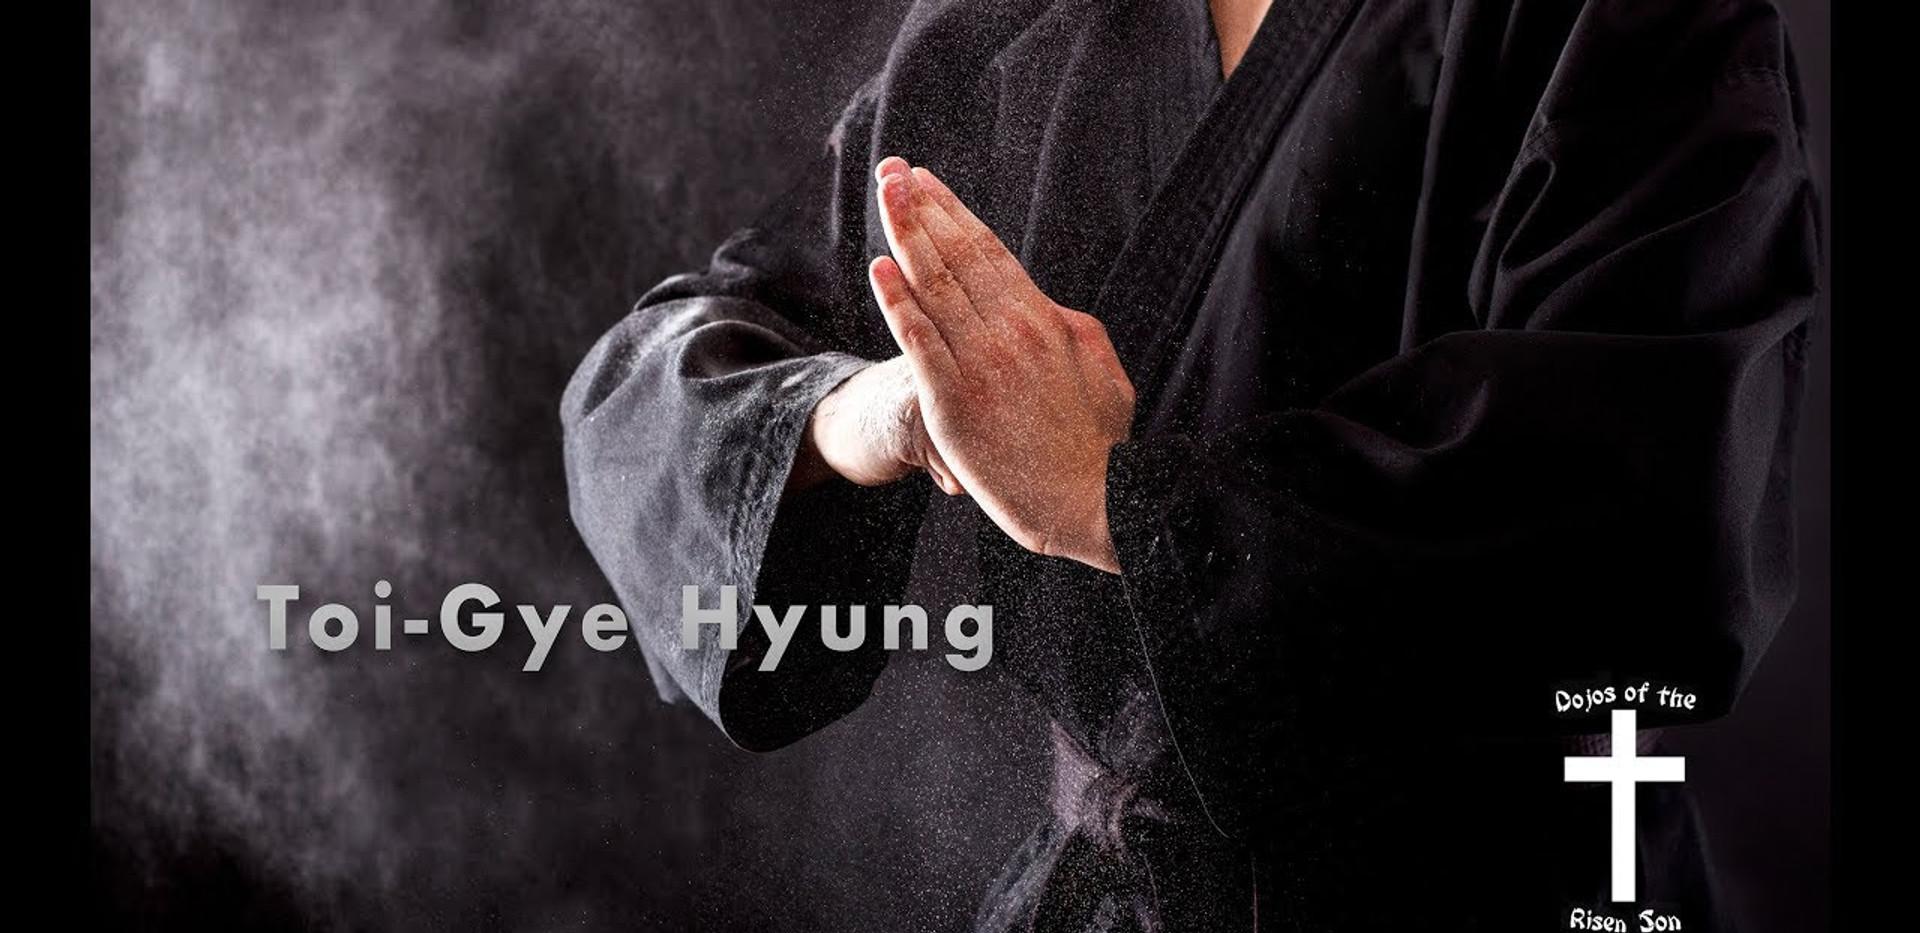 Toi-Gye Hyung